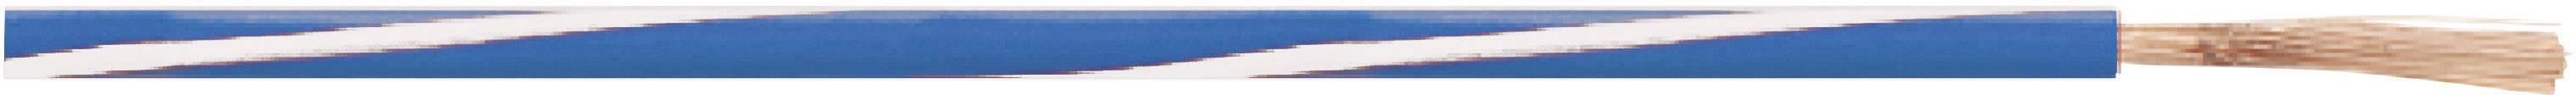 Opletenie / lanko LappKabel 4510102S X05V-K, 1 x 0.75 mm², vonkajší Ø 2.70 mm, 250 m, priehľadná